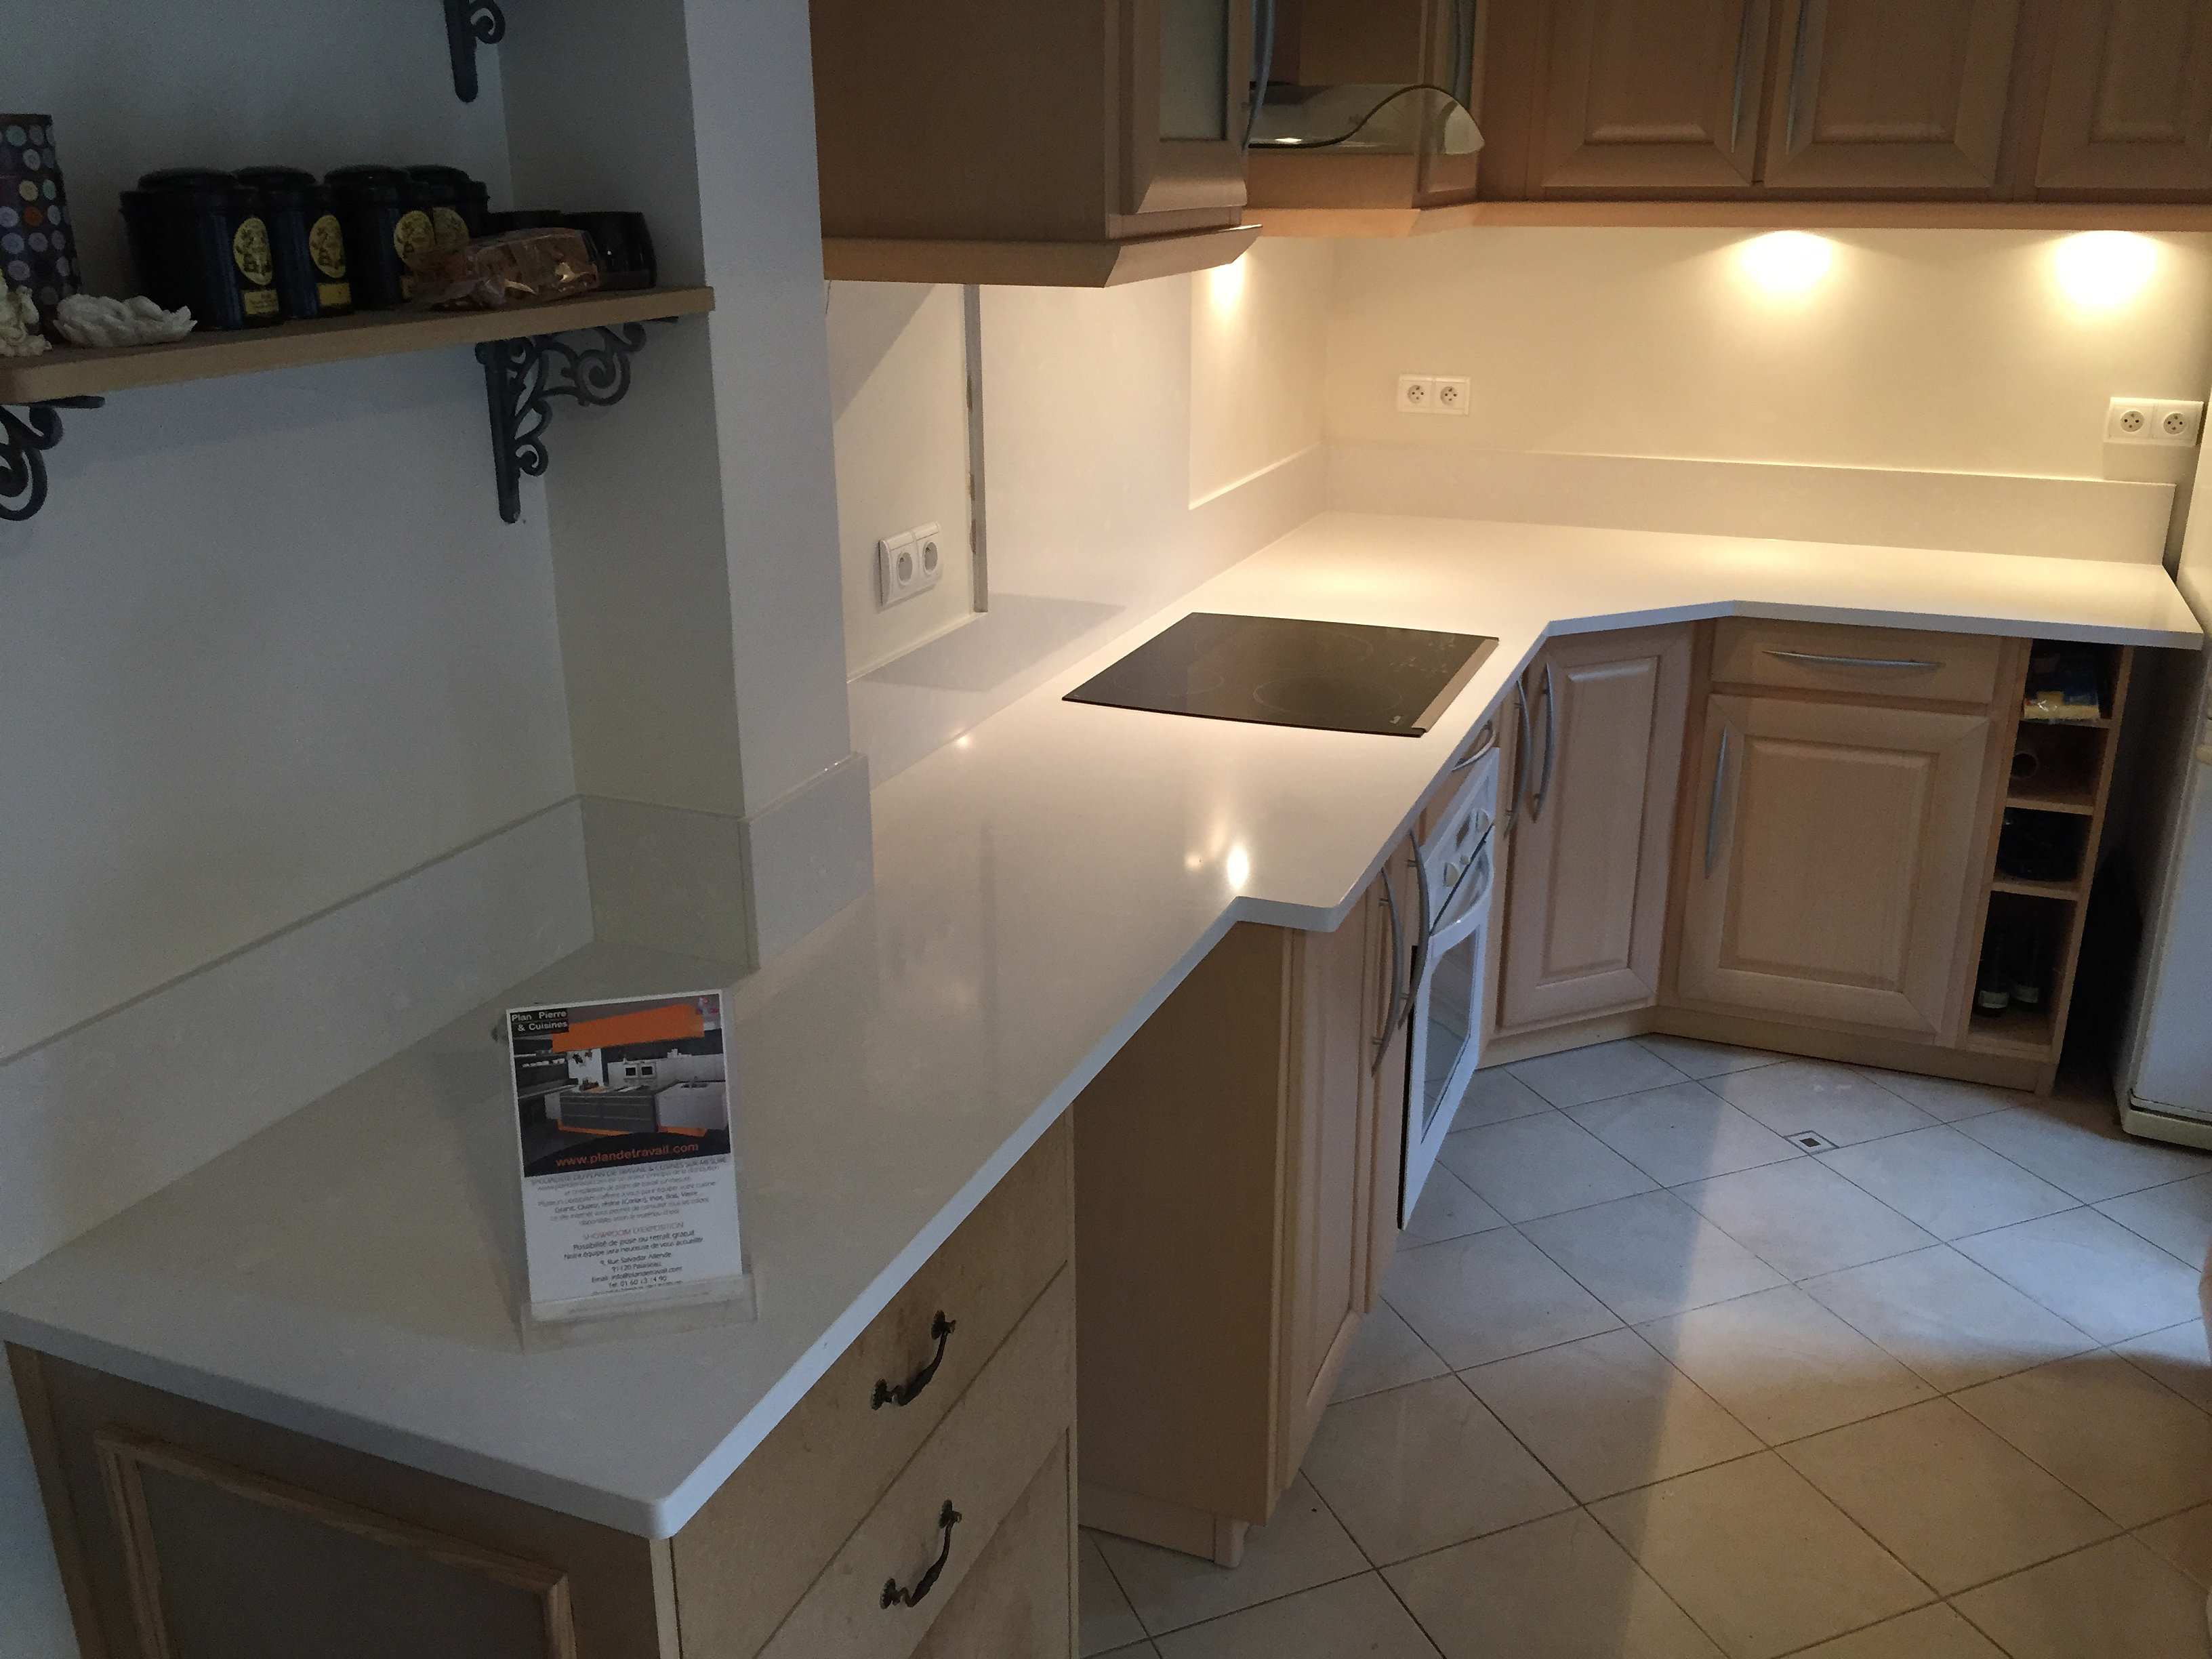 devis plan de travail com paris granit quartz marbre plans de travail en quartz silestone. Black Bedroom Furniture Sets. Home Design Ideas